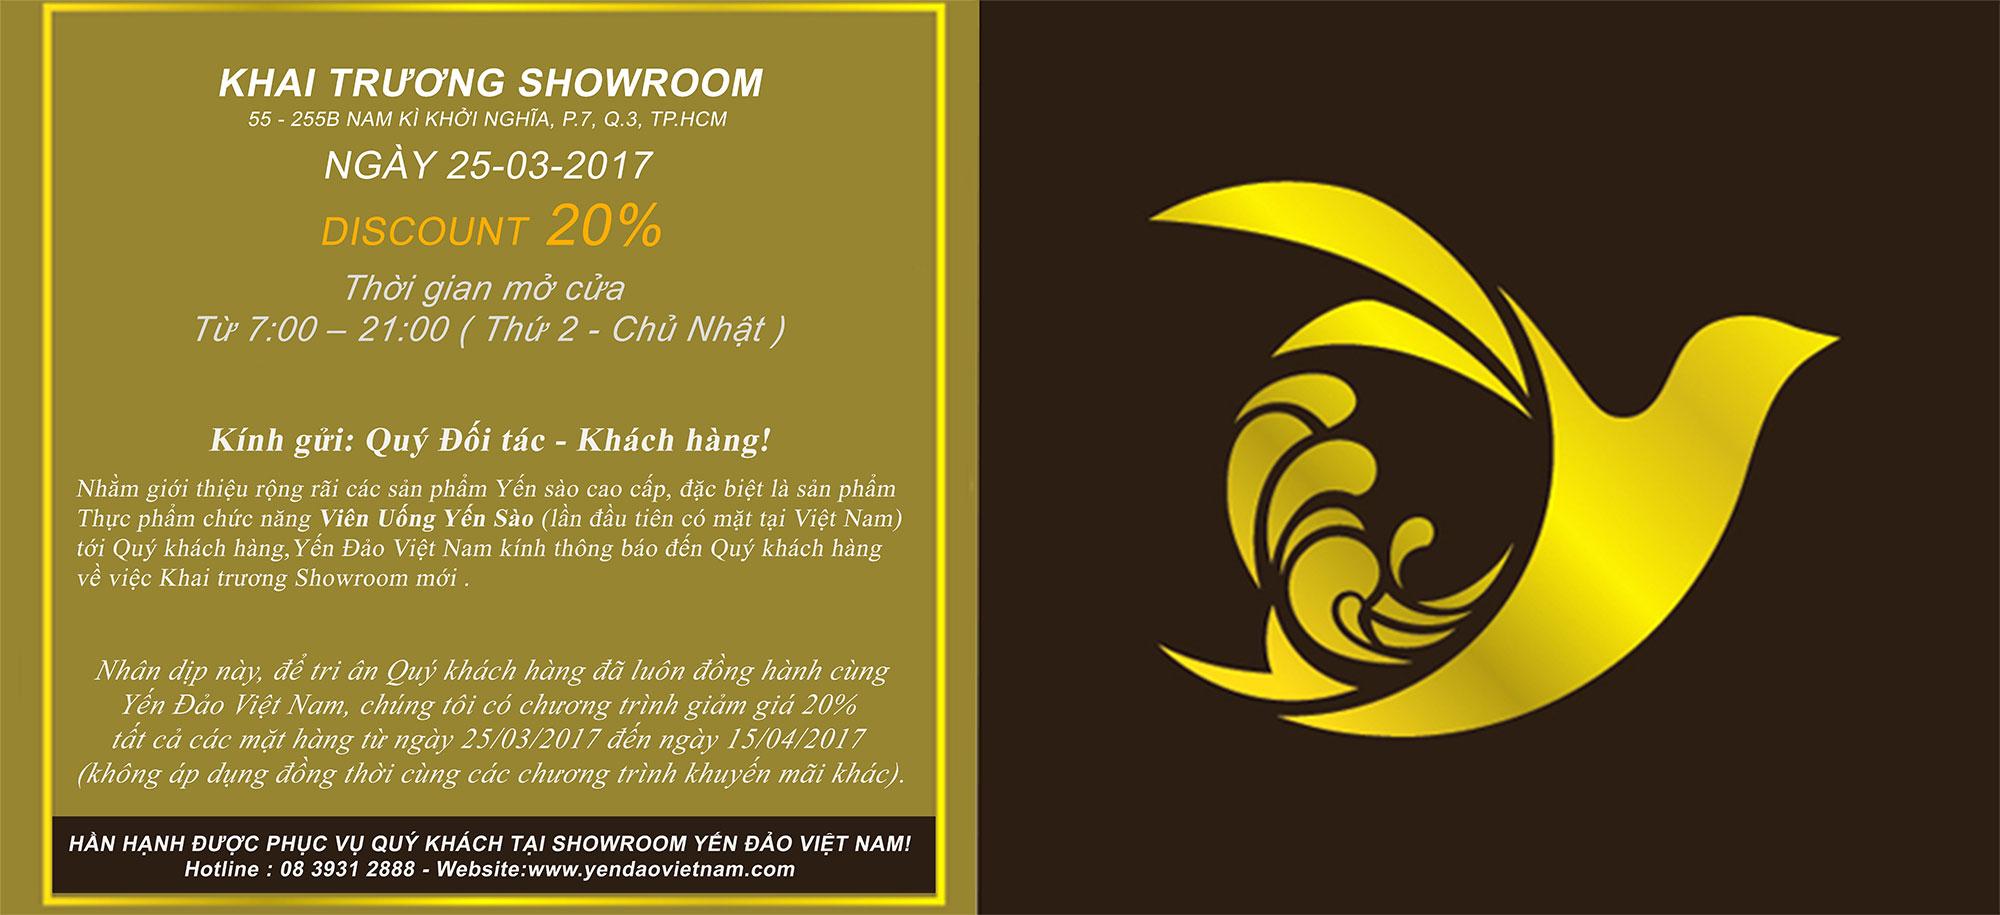 Yến Đảo Việt Nam - Khai trương Showroom tại TP HCM